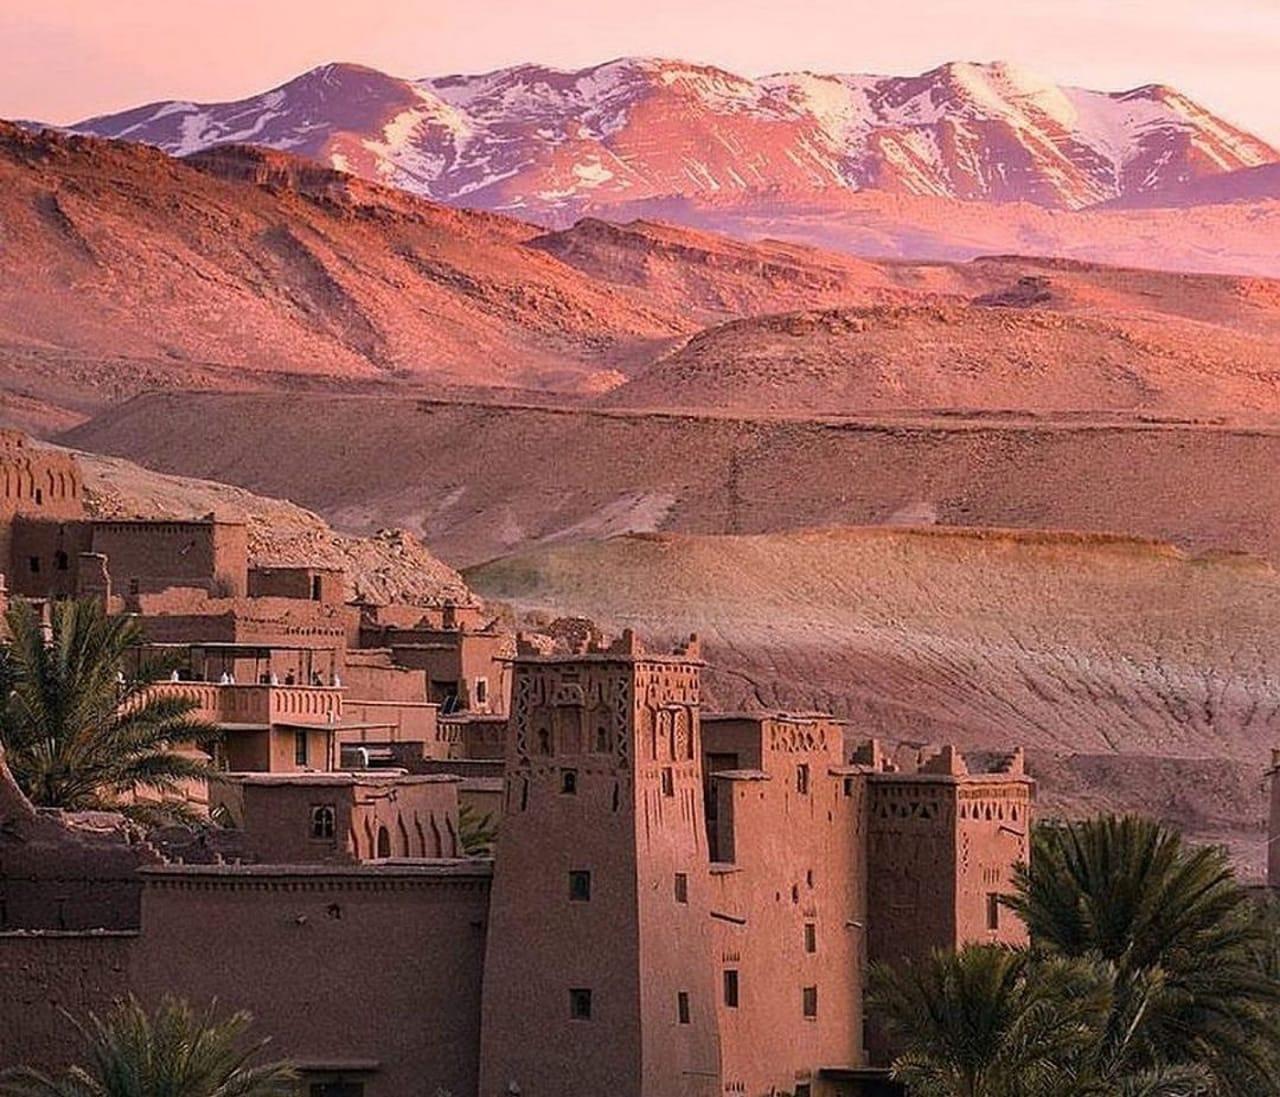 6daysdeserttourinMorocco